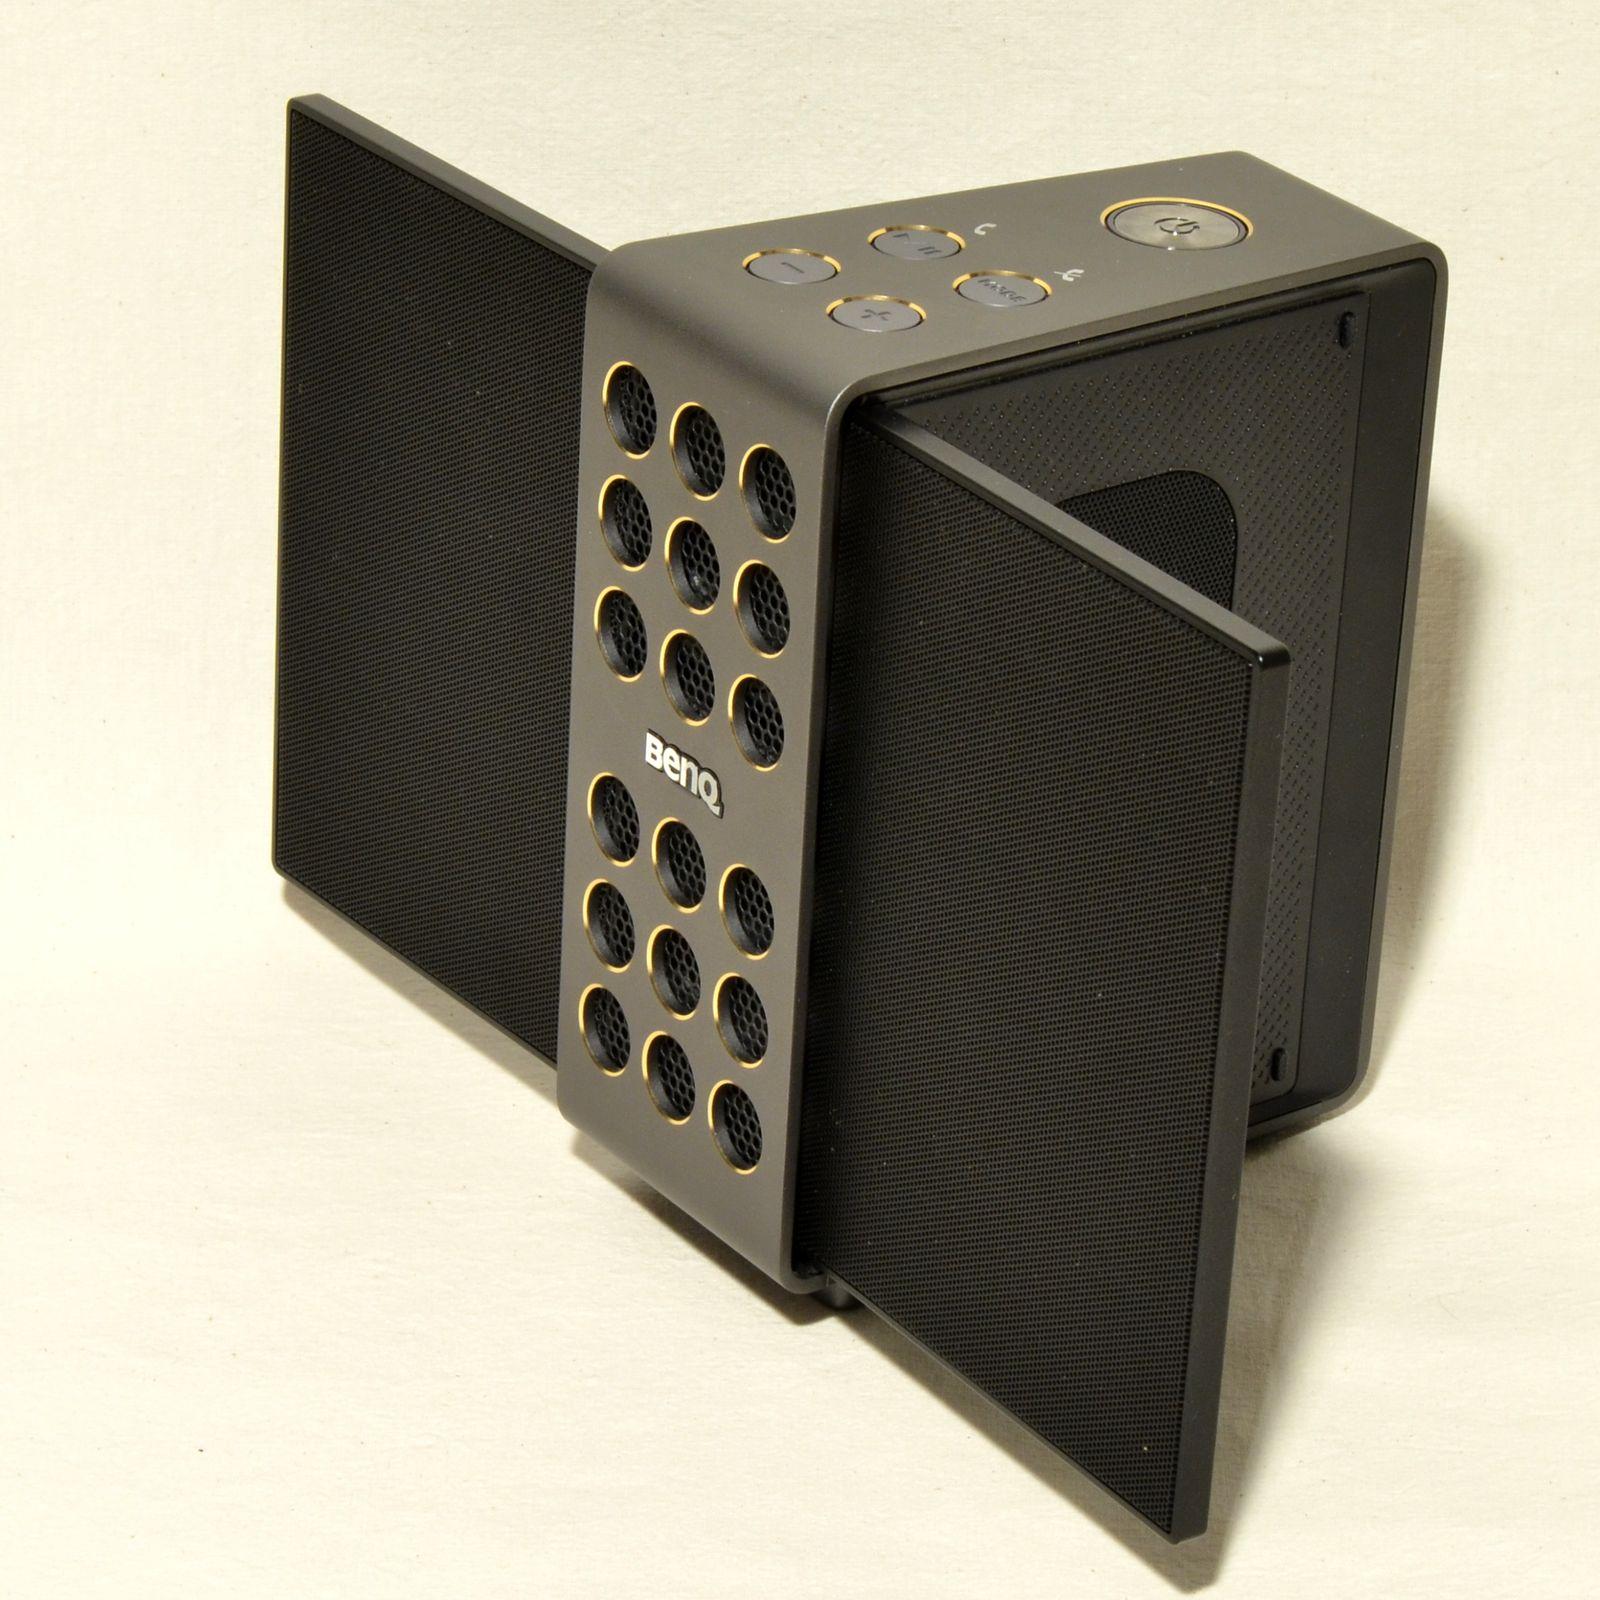 BenQ treVolo: pentru fidelitate audio portabilă